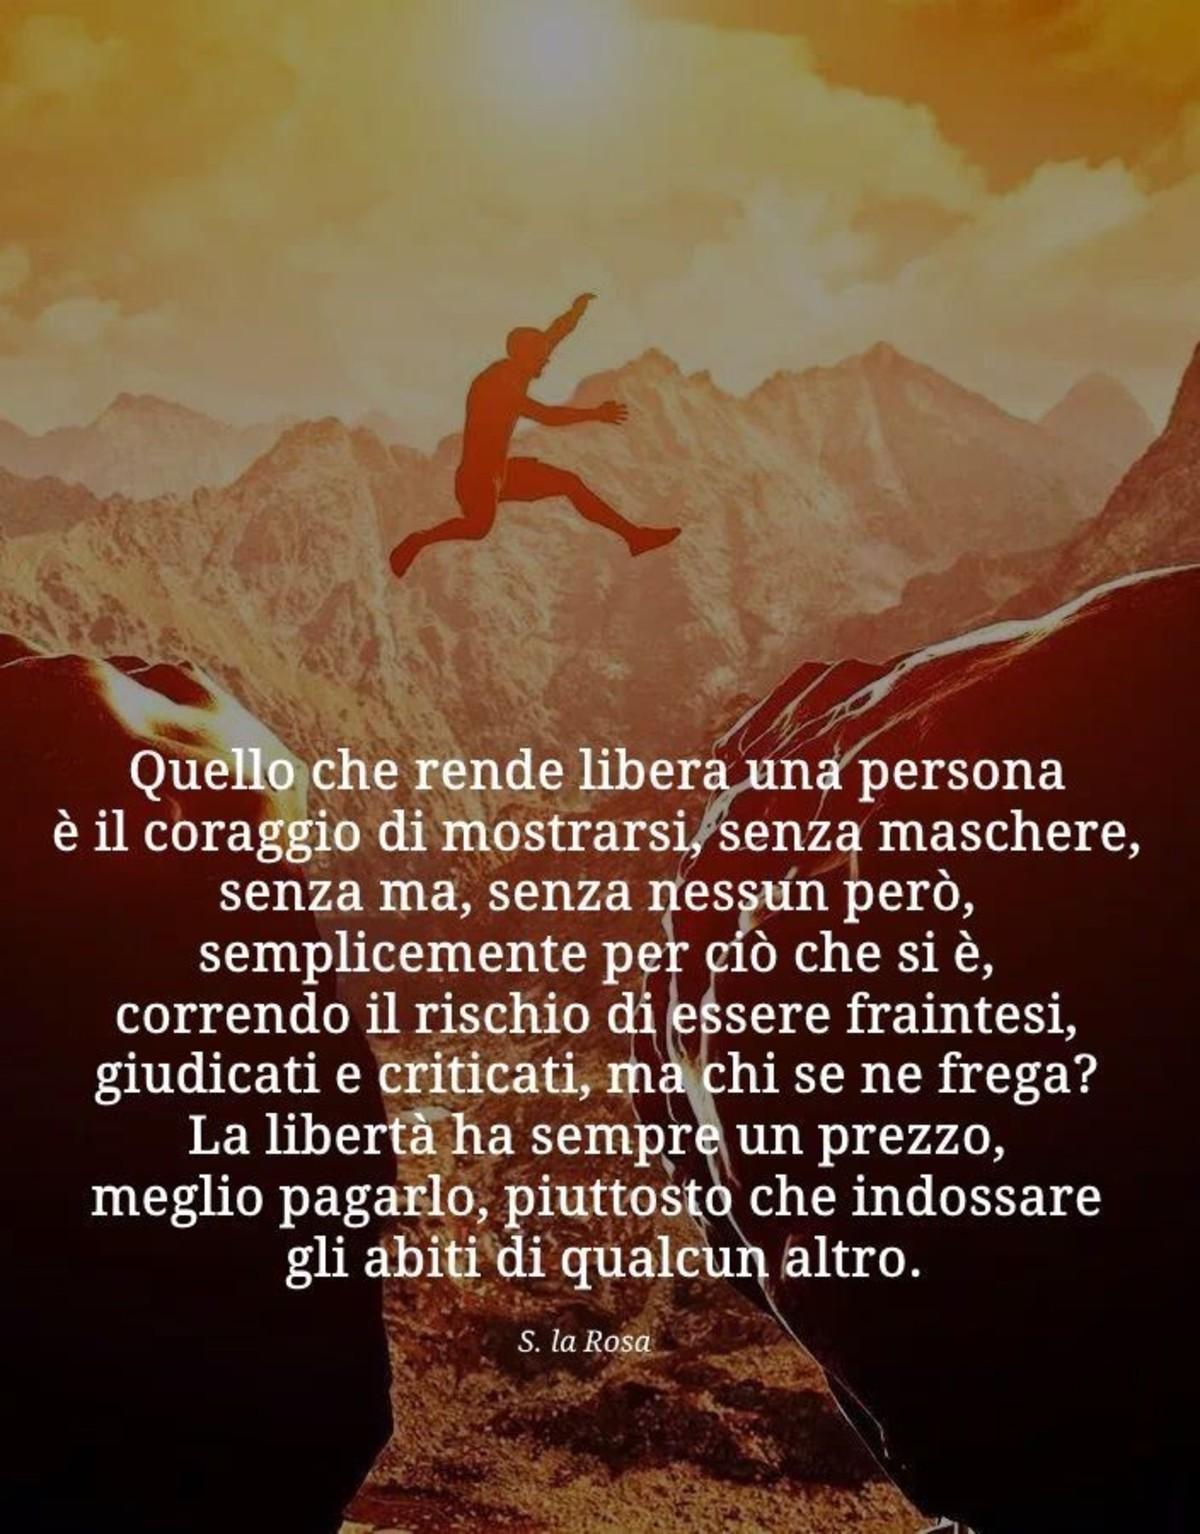 Frasi Sulla Liberta 3 Buongiornoate It